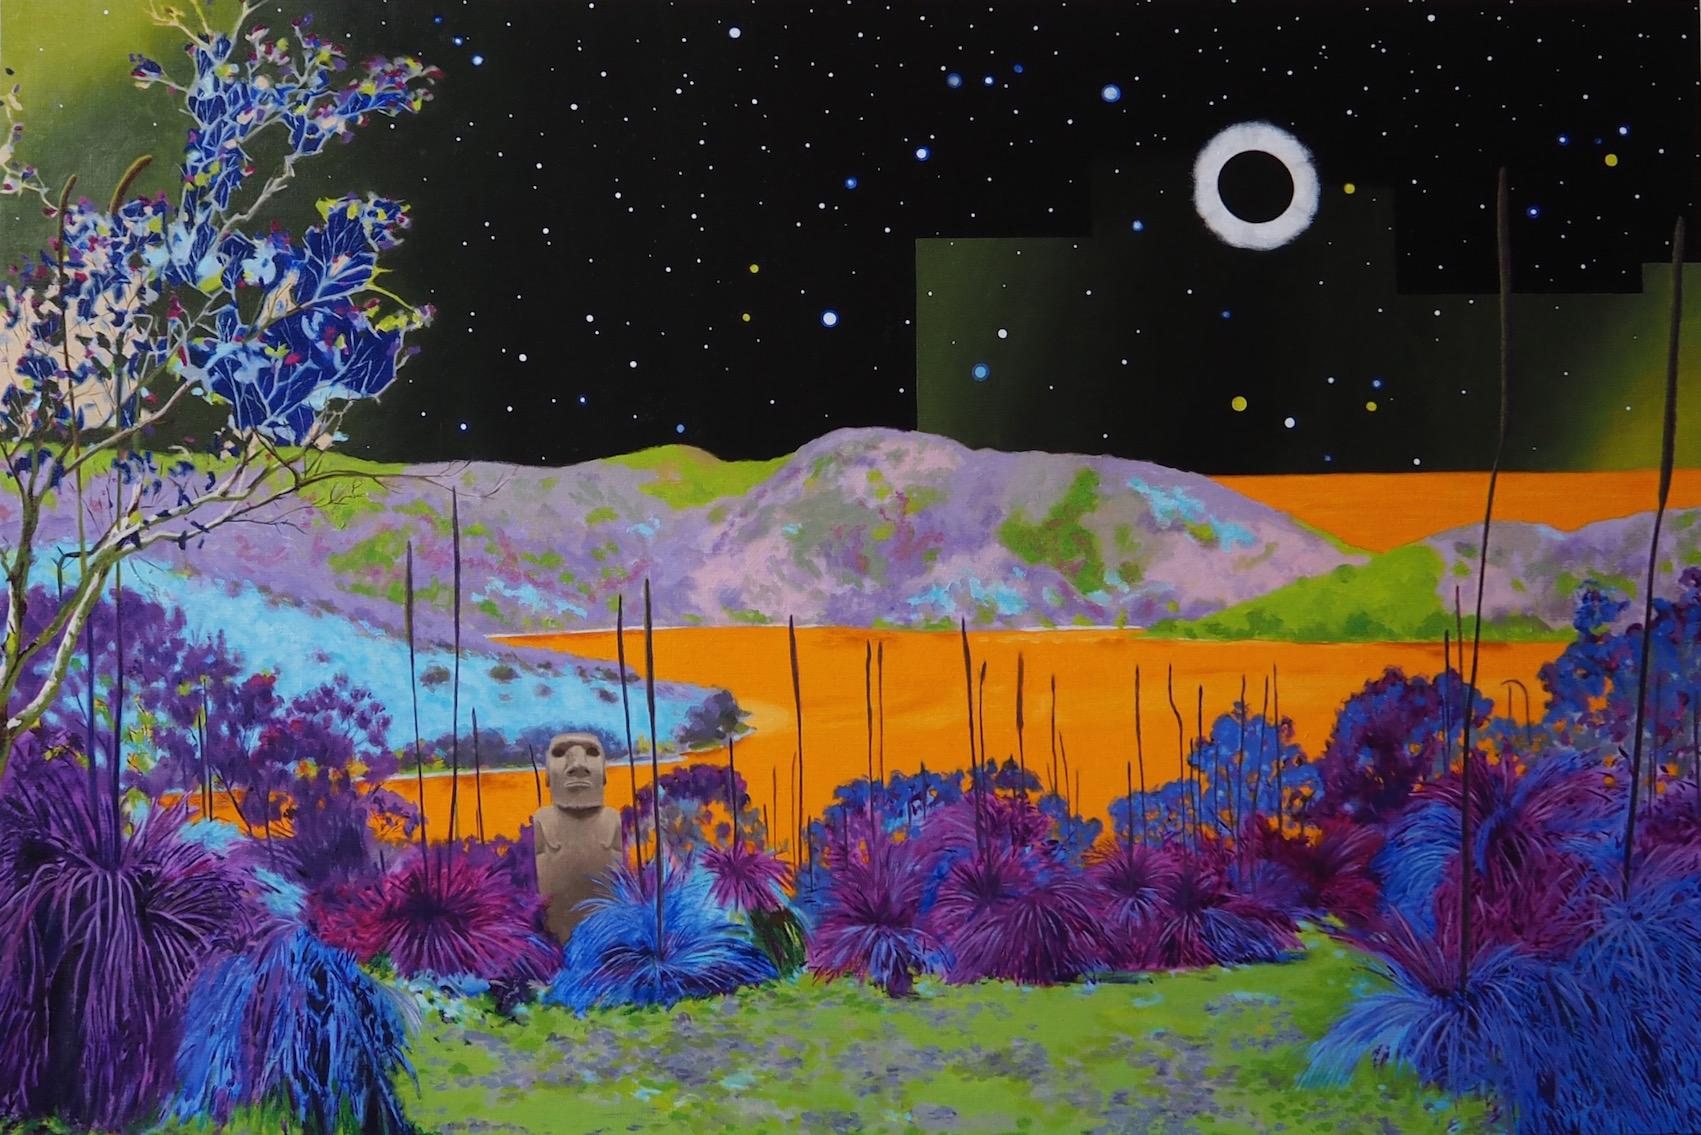 Knafelc_Eclipse.jpg